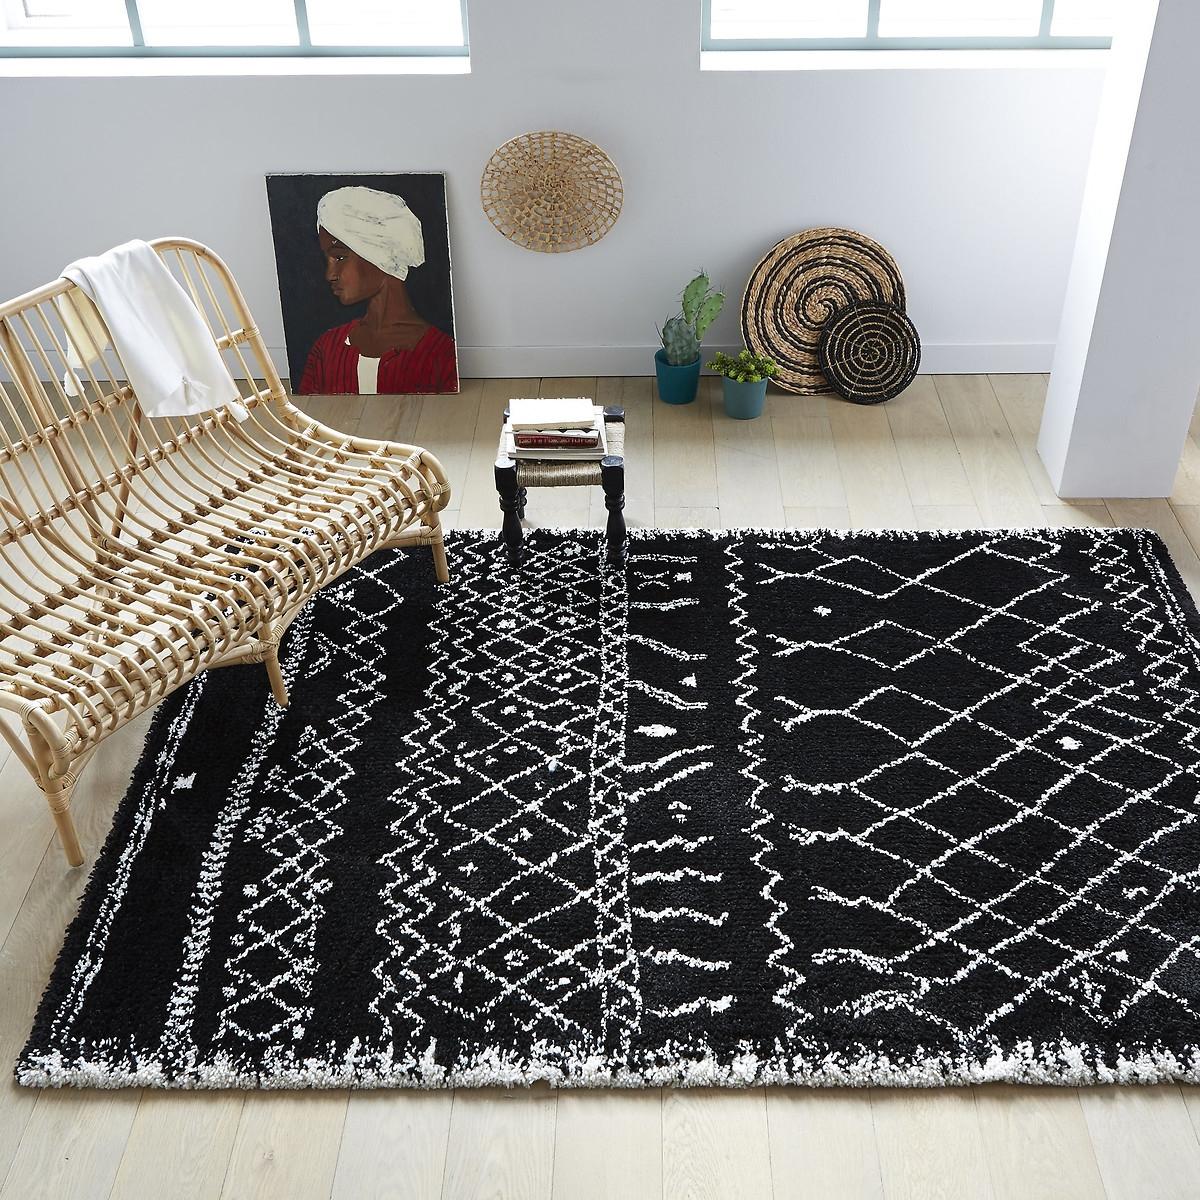 Фото - Ковер LaRedoute В берберском стиле Afaw 3 размера 120 x 170 см черный ковер laredoute в берберском стиле rabisco 160 x 230 см бежевый